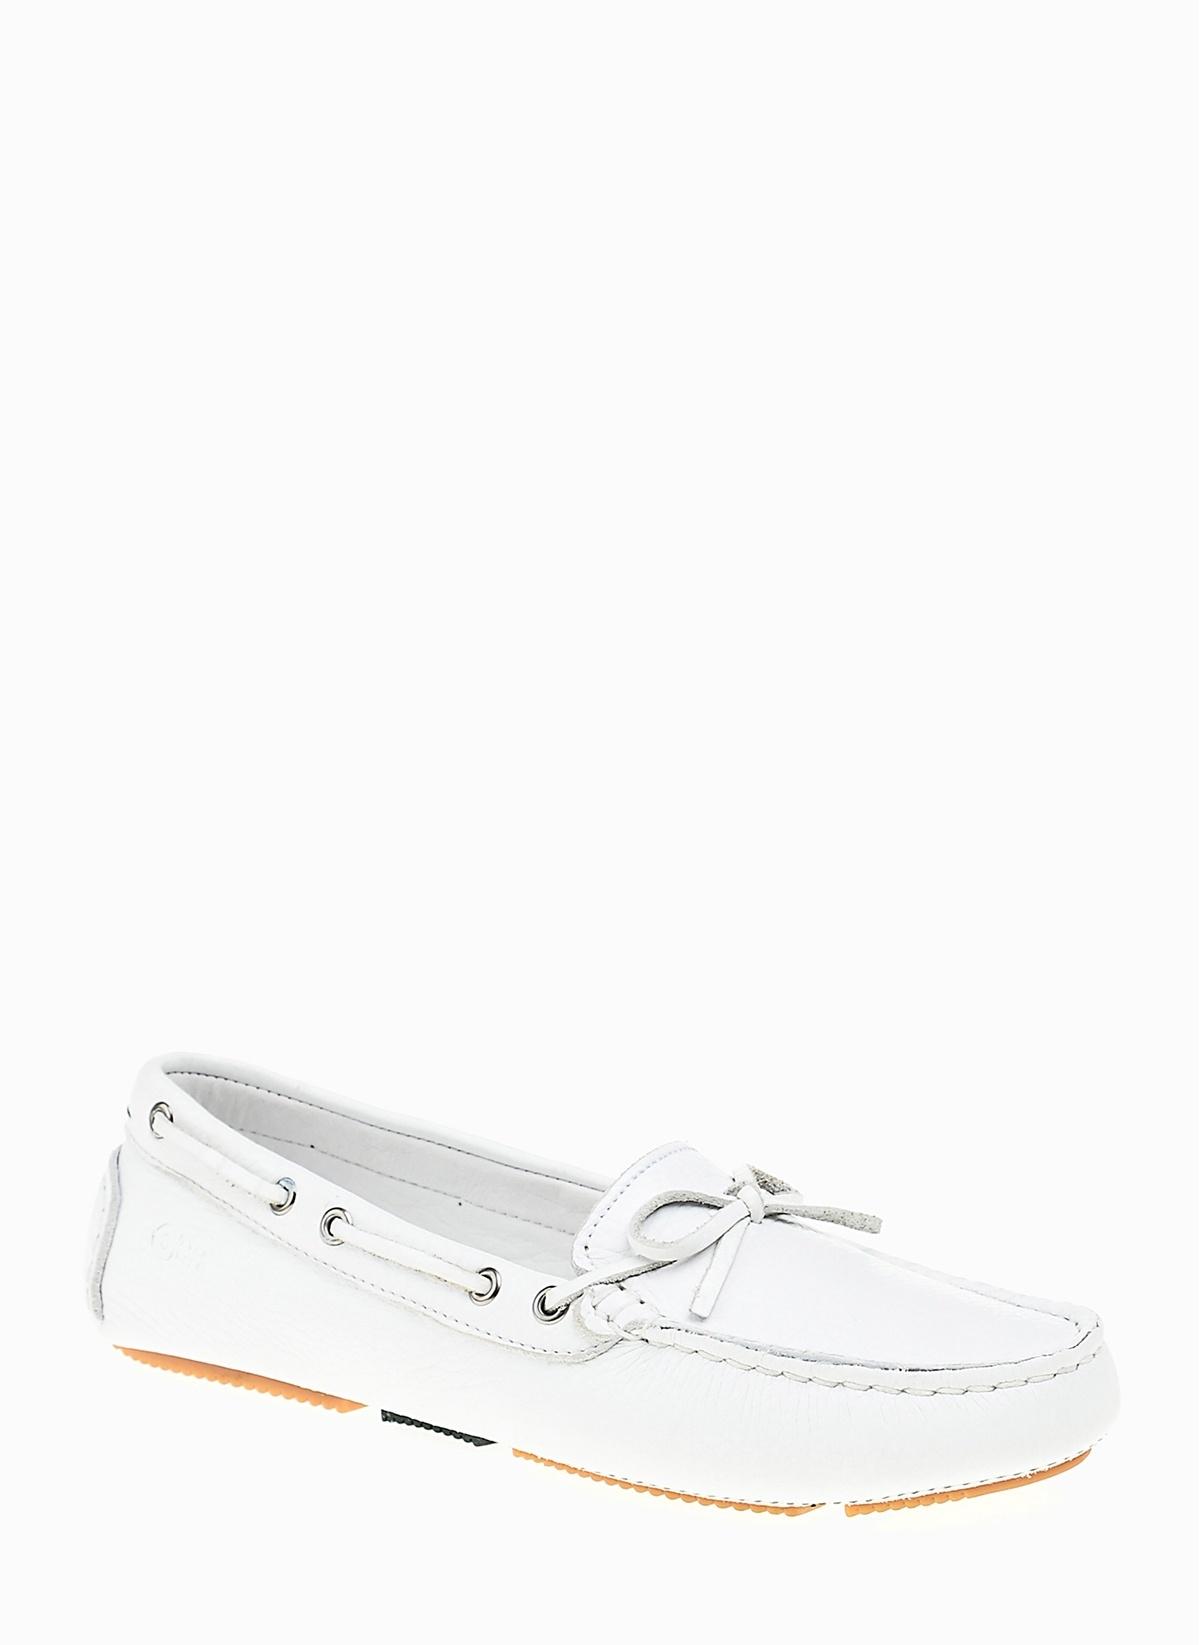 George Hogg %100 Deri Loafer Ayakkabı 7002550 K Loafer – 799.0 TL